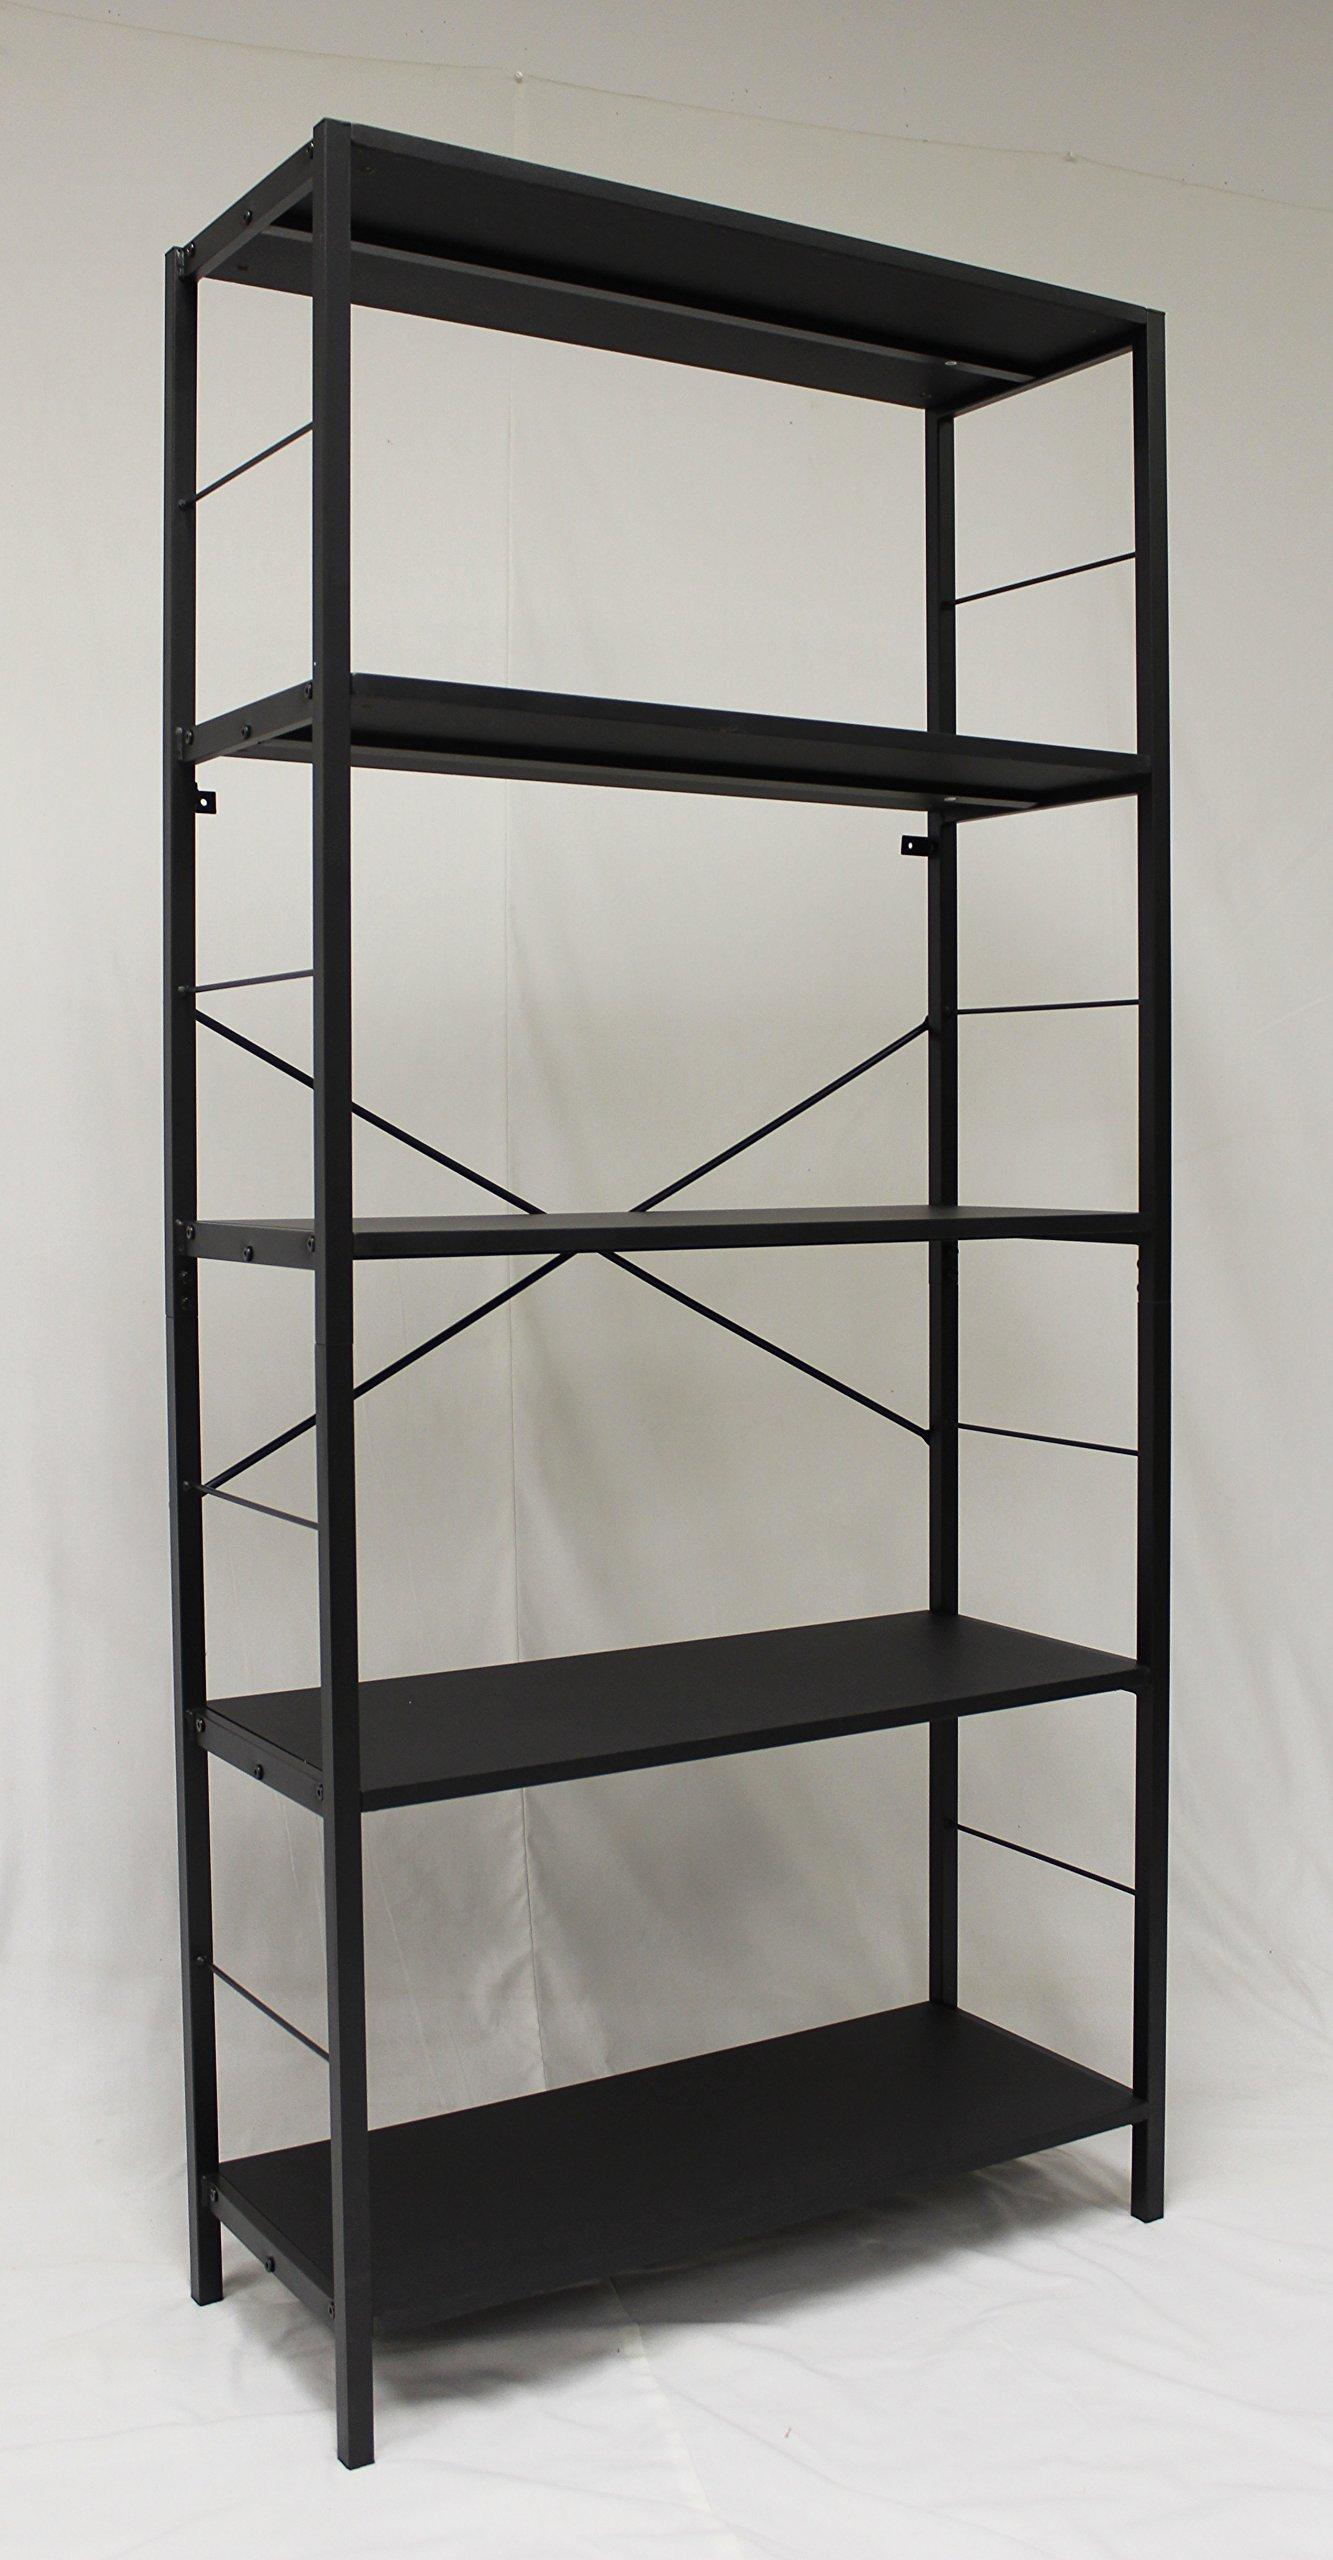 eHemco 5 Tier Bookcase in Black